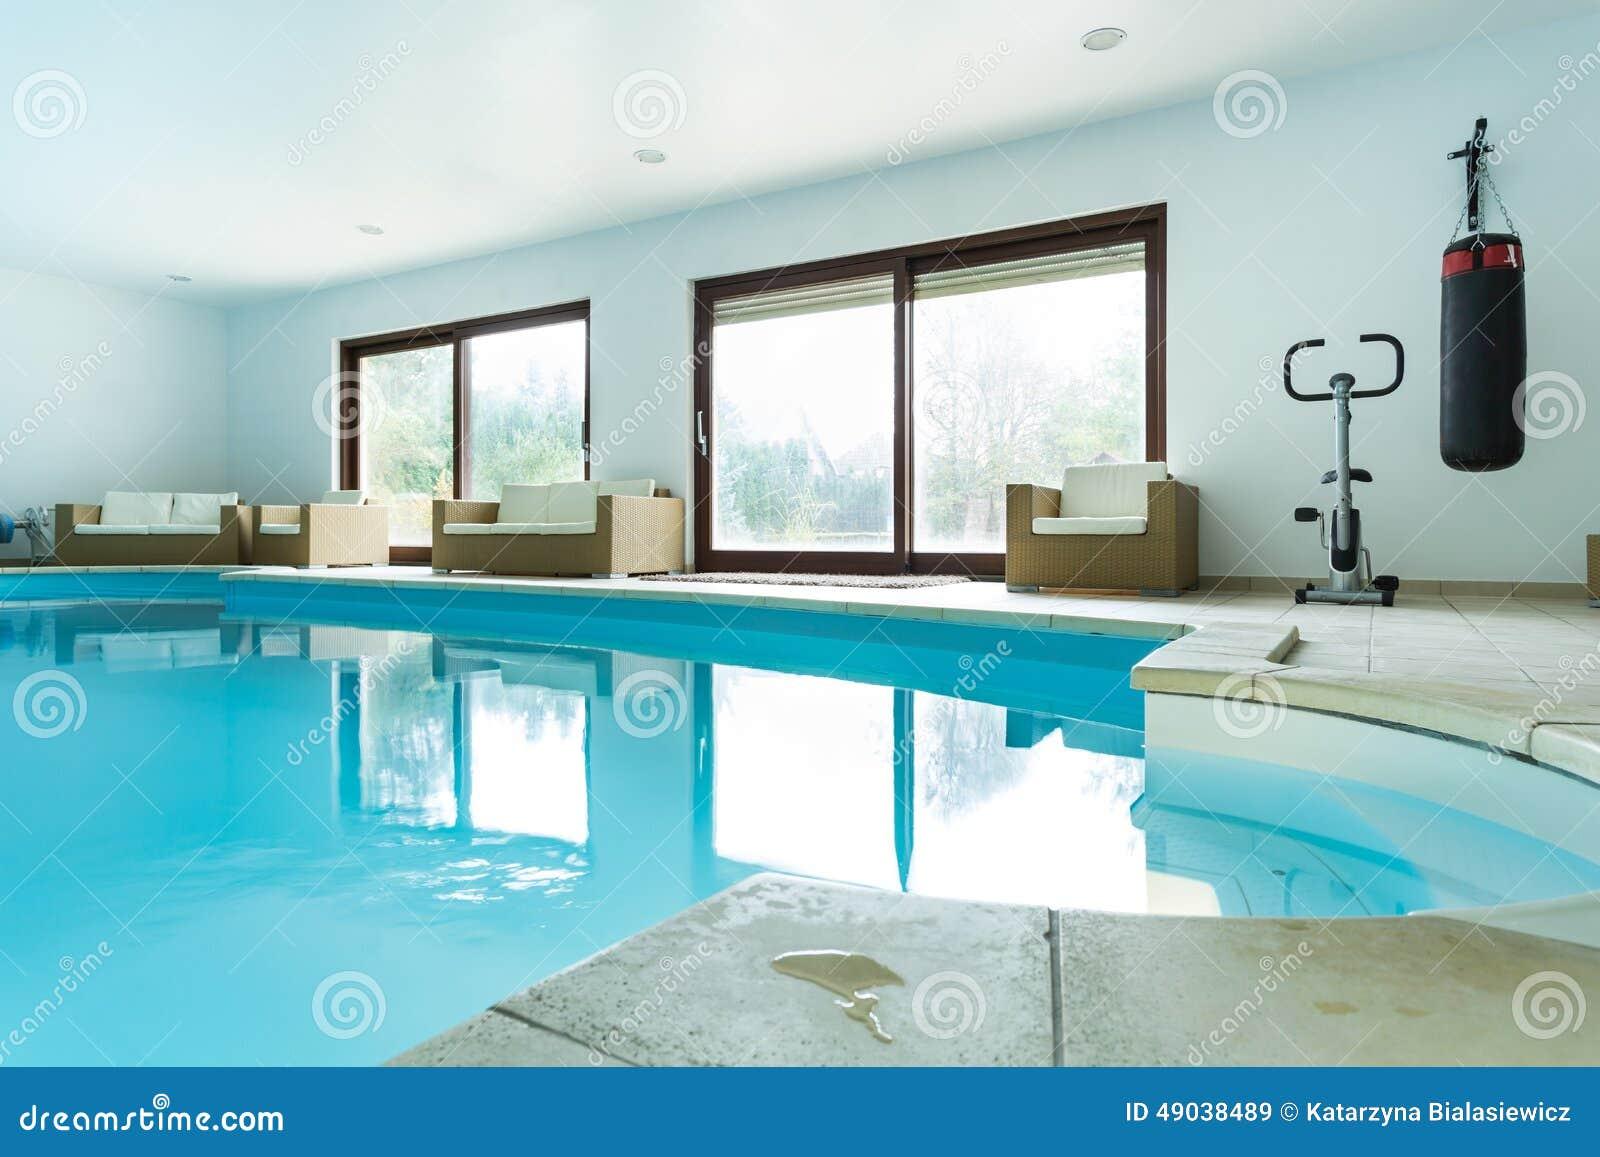 Zwembad binnen duur huis stock afbeelding afbeelding bestaande uit helder 49038489 - Foto huis in l ...